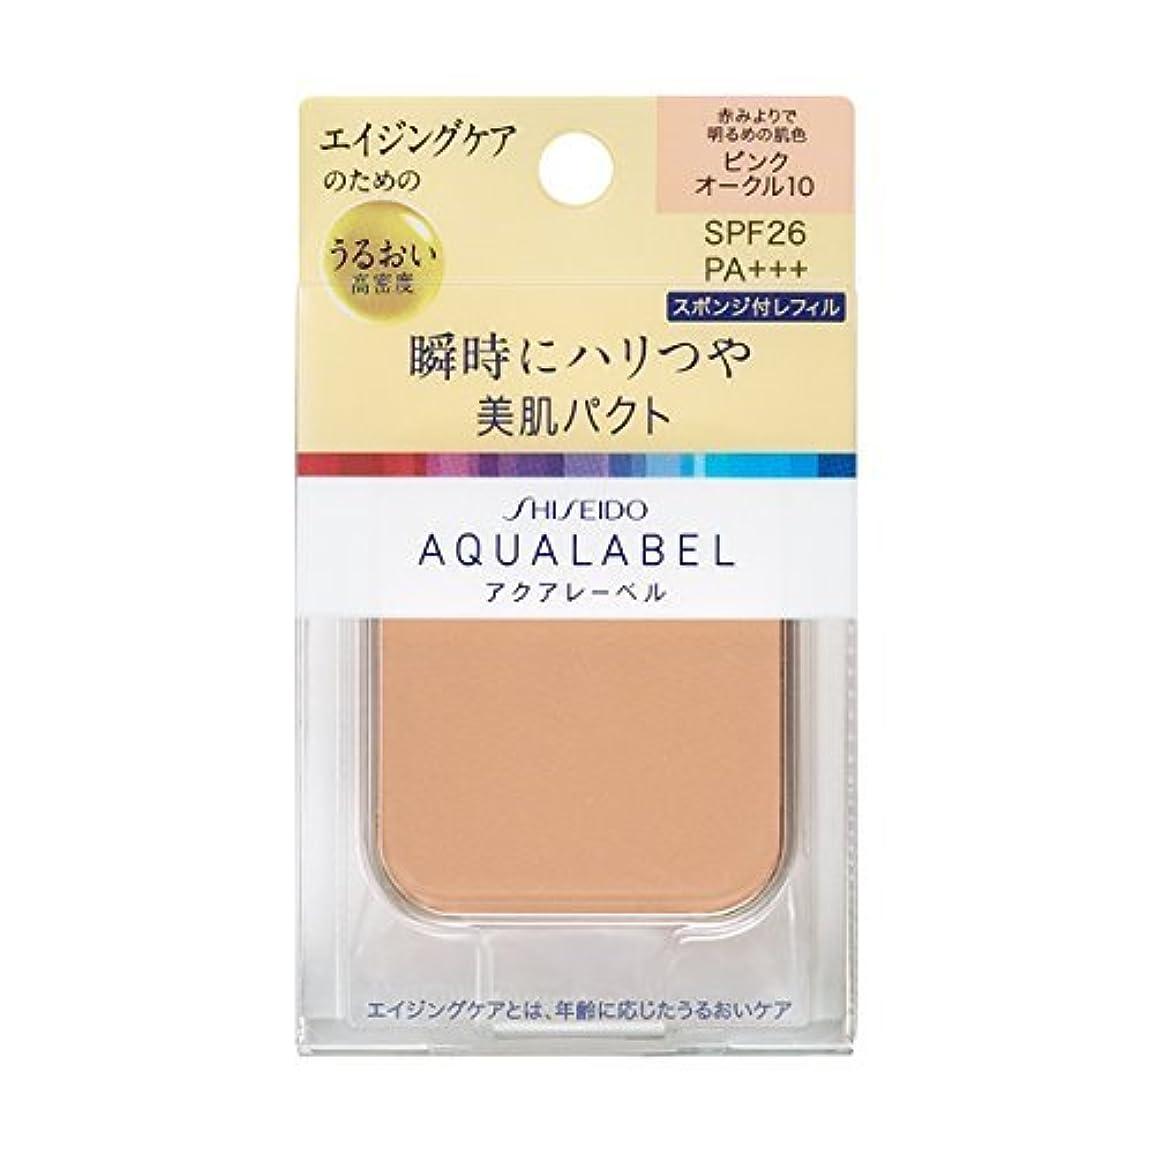 思い出す法律により条件付きアクアレーベル 明るいつや肌パクト ピンクオークル10 (レフィル) 11.5g×6個